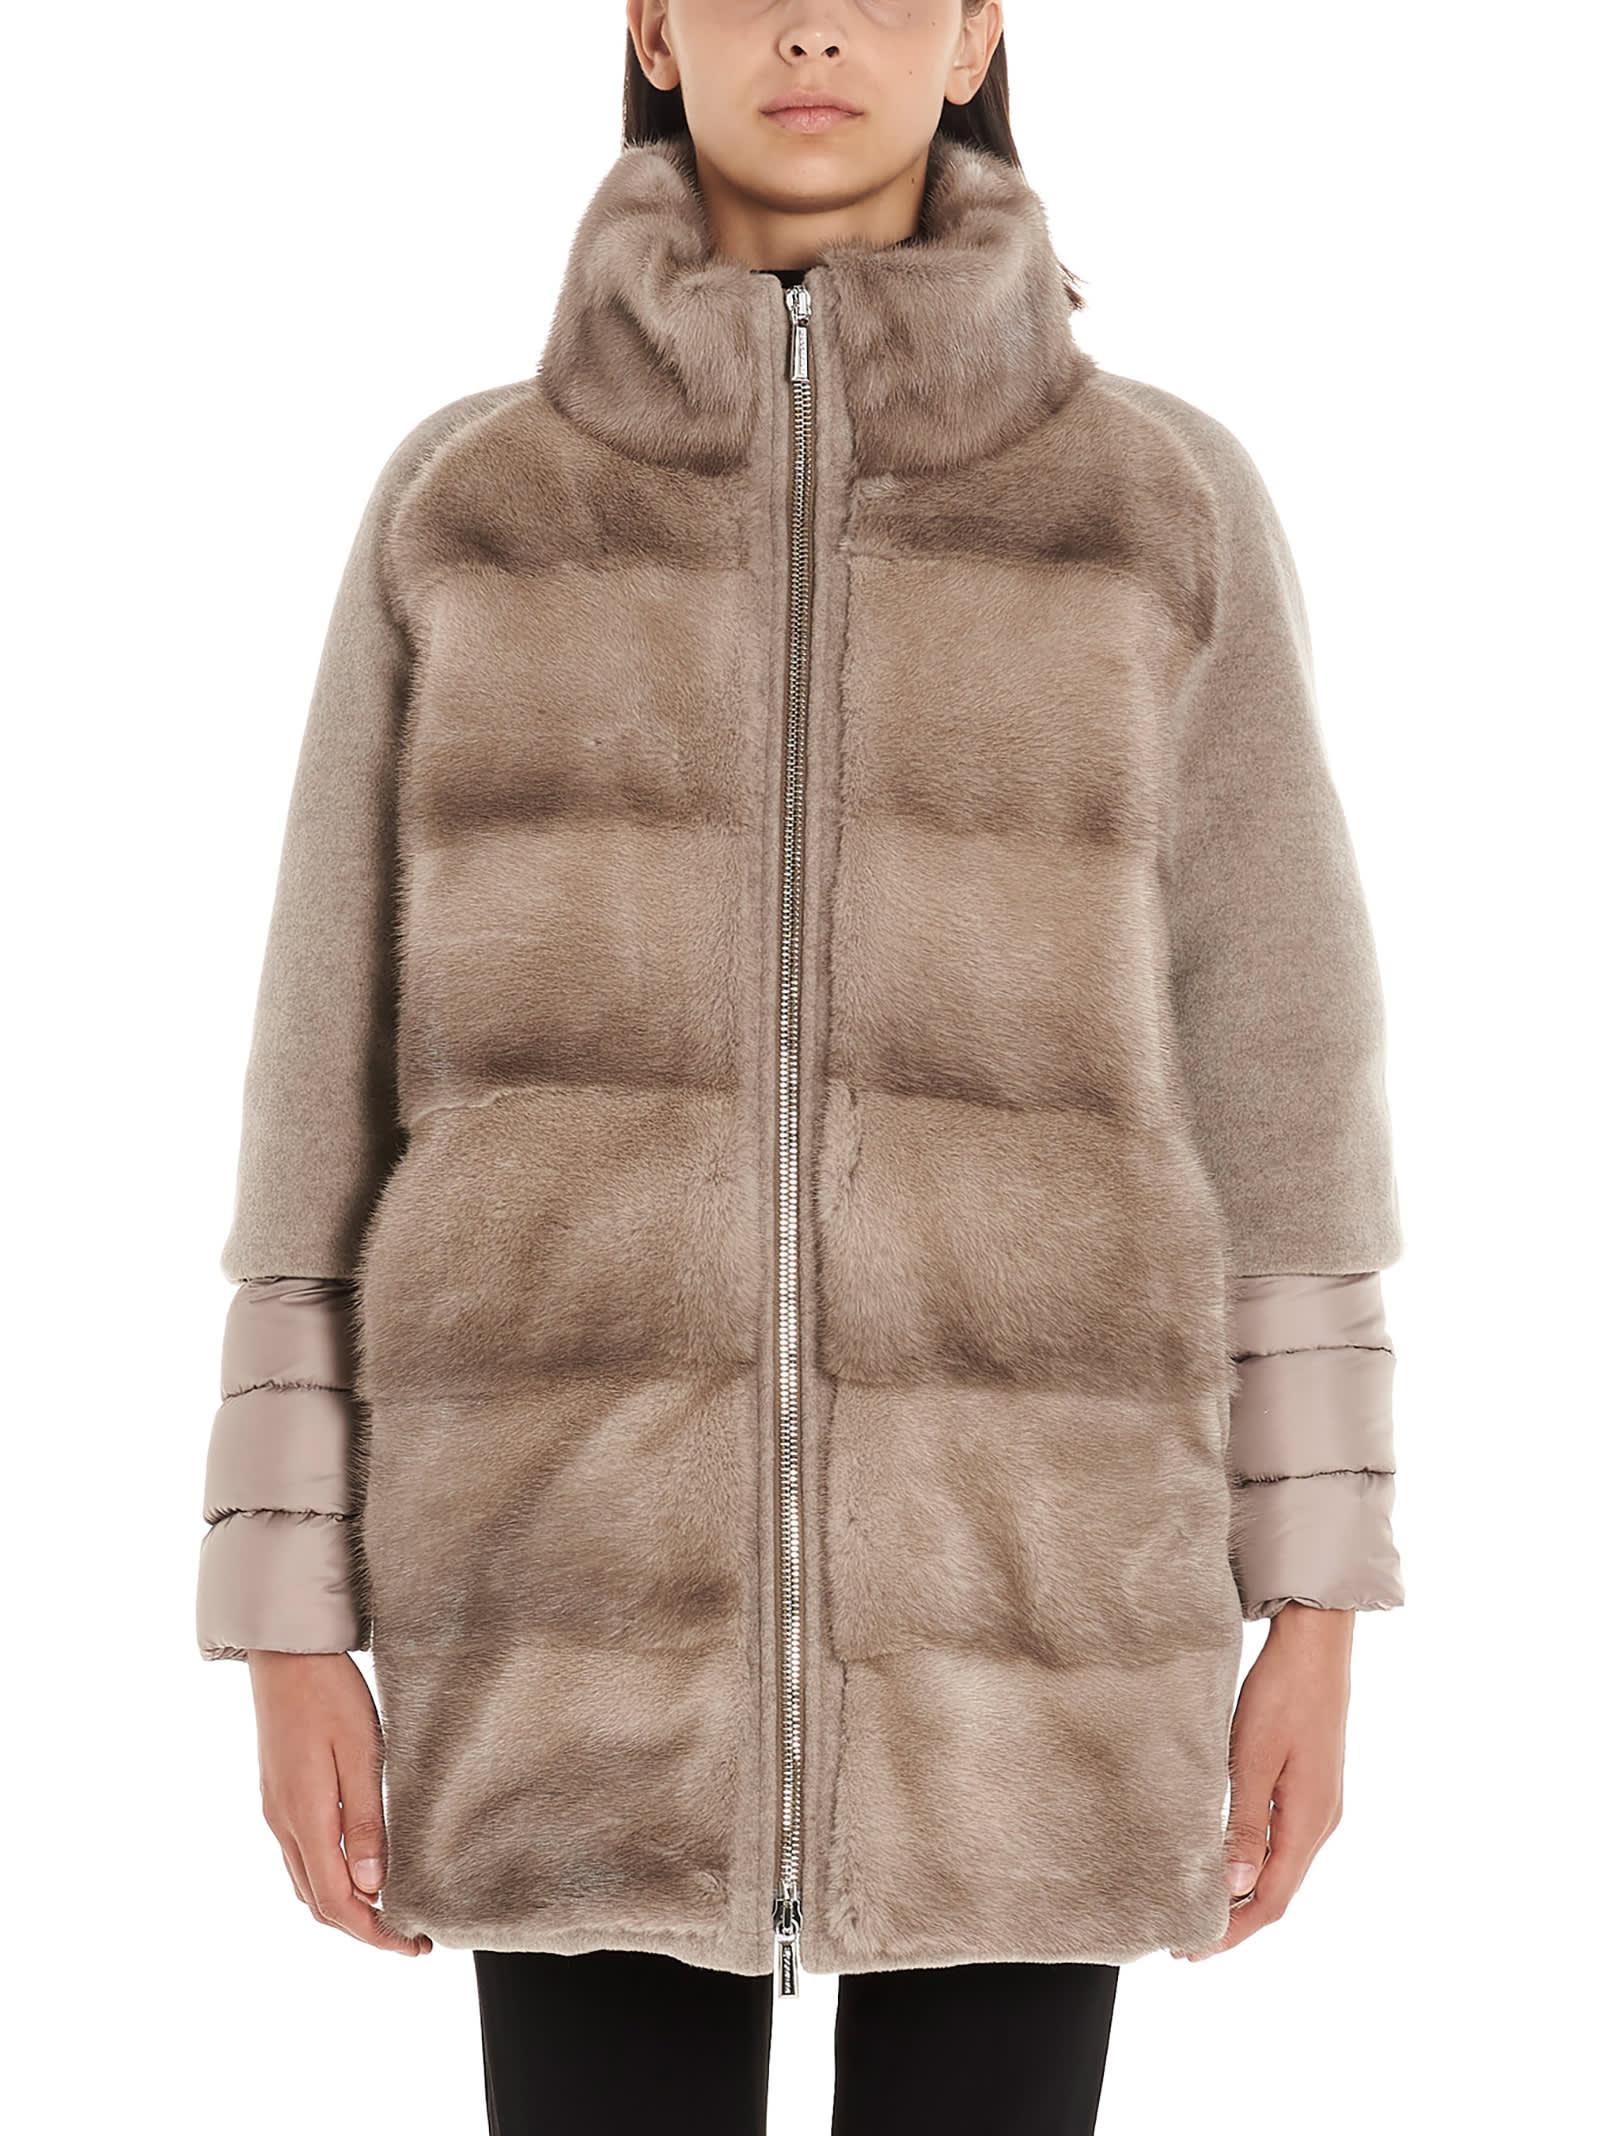 Moorer antiope Coat